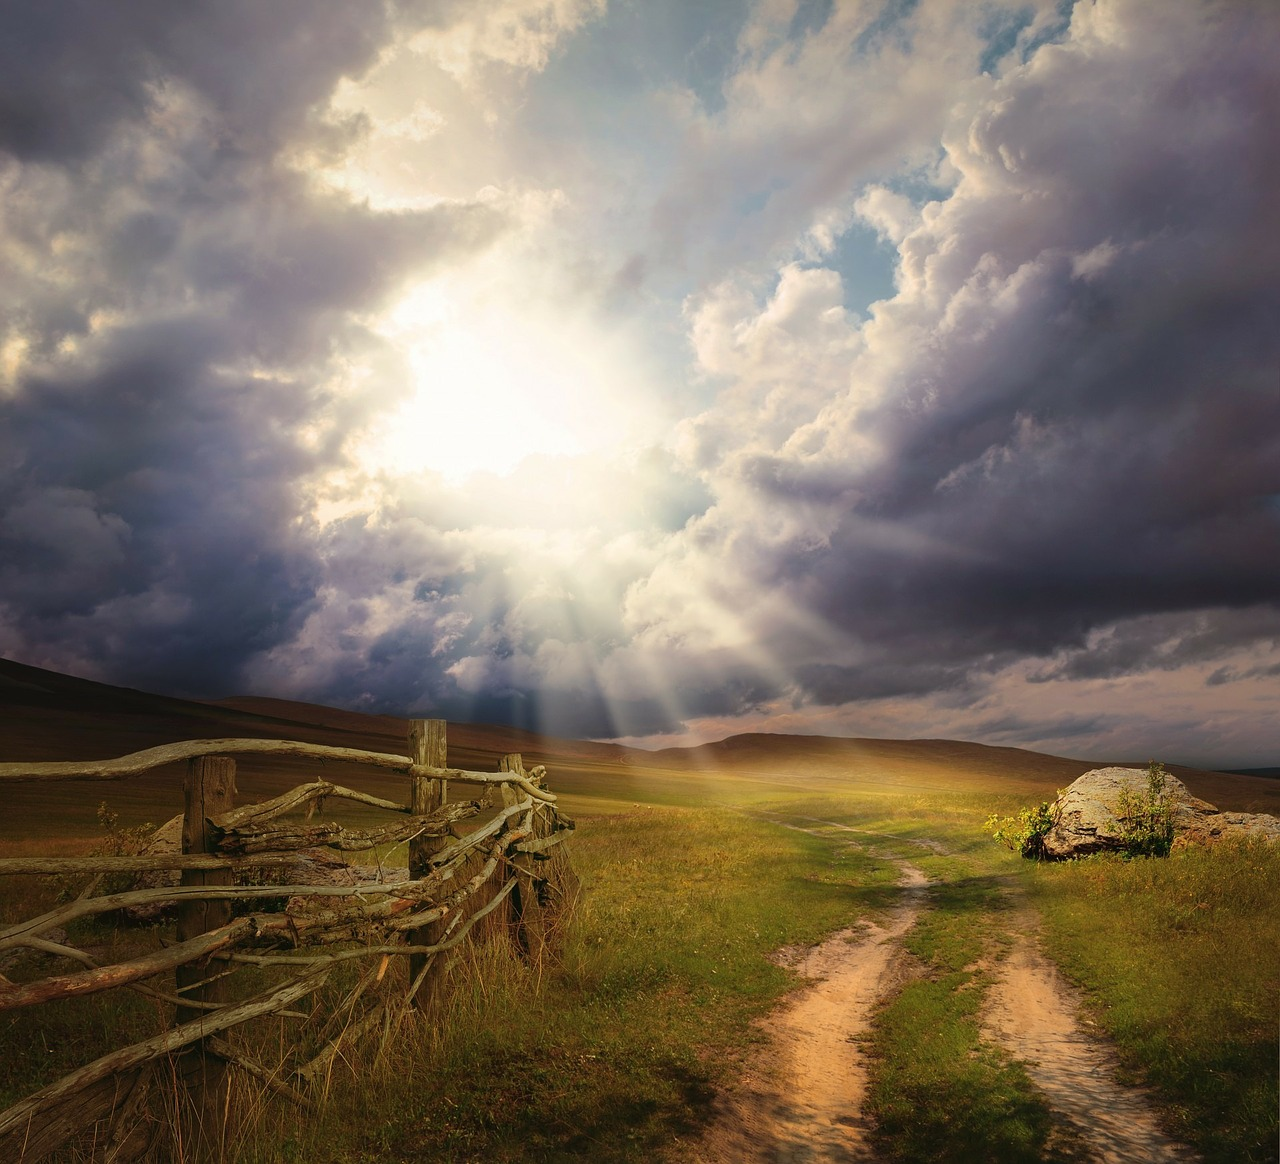 Angyalok és Szentek üzenete keddre: A sors út rejtelmei